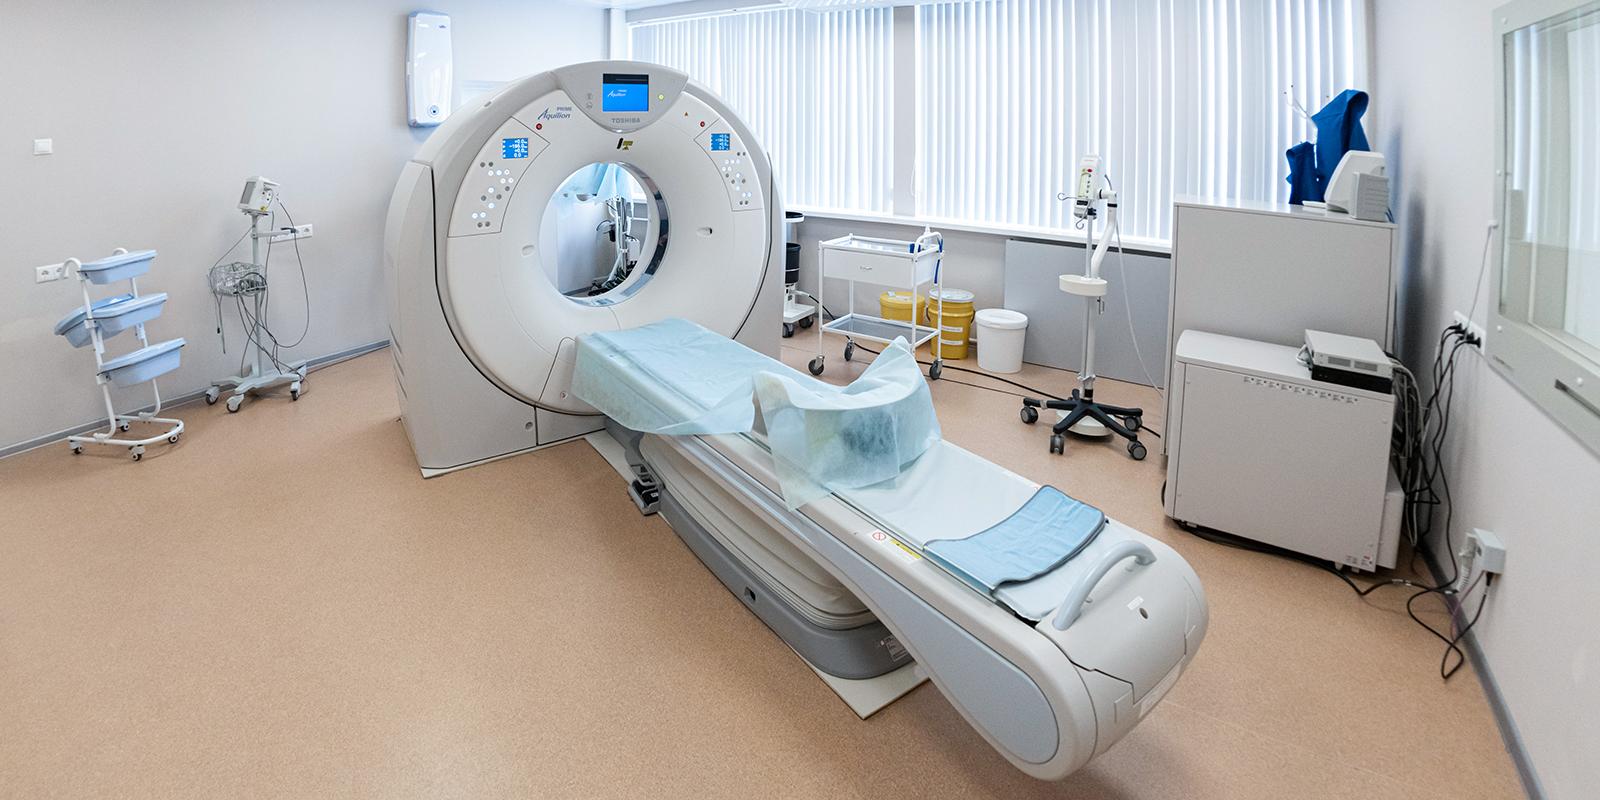 20 КТ-центров вернутся к плановому приему пациентов